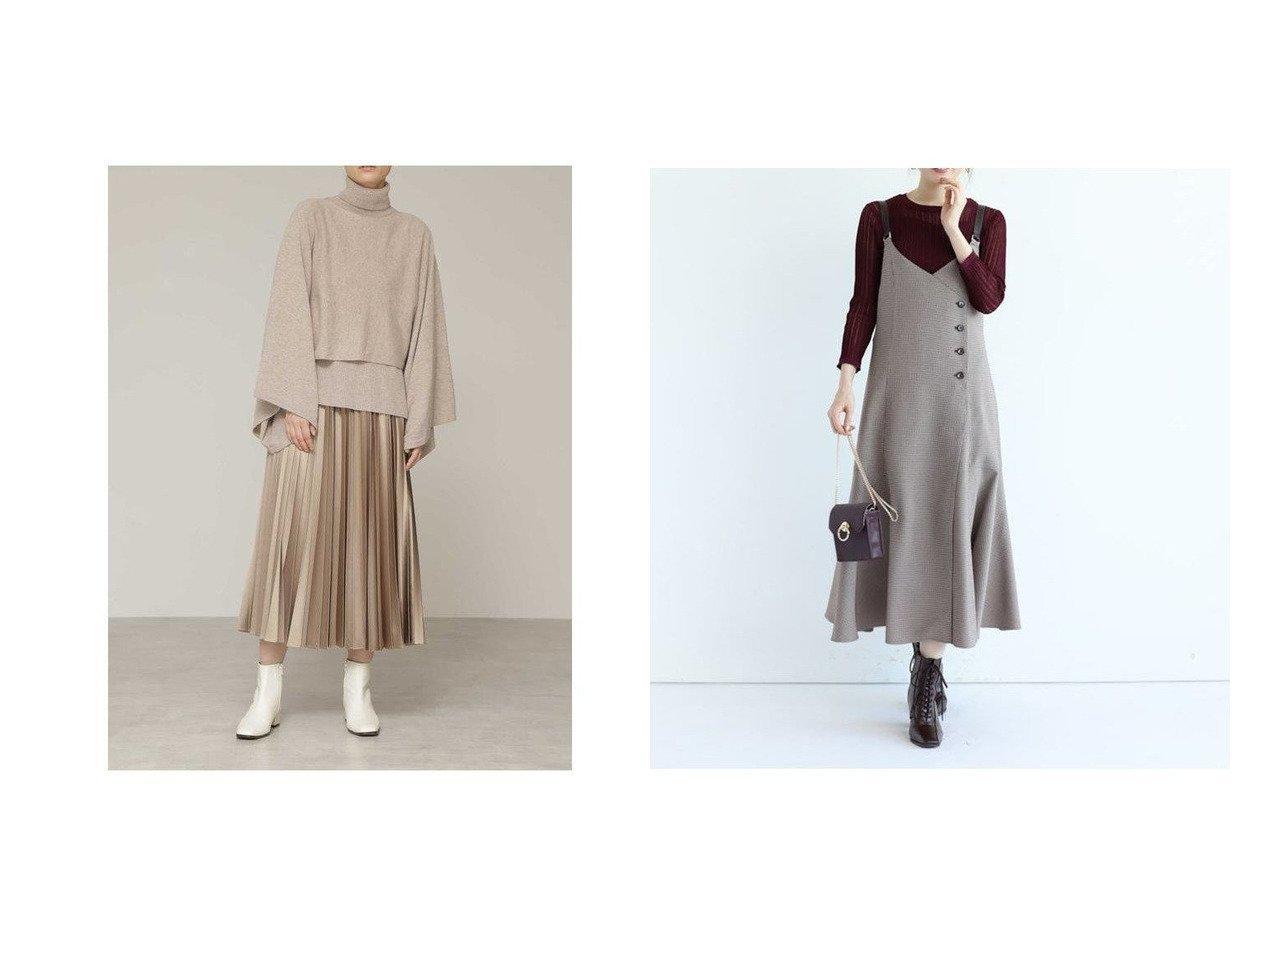 【BOSCH/ボッシュ】のランダムプリーツスカート&【Apuweiser-riche/アプワイザーリッシェ】の【美人百花10月号掲載】切替えフレアジャンスカ スカートのおすすめ!人気、レディースファッションの通販 おすすめで人気のファッション通販商品 インテリア・家具・キッズファッション・メンズファッション・レディースファッション・服の通販 founy(ファニー) https://founy.com/ 雑誌掲載アイテム Magazine items ファッション雑誌 Fashion magazines ビジンヒャッカ 美人百花 ファッション Fashion レディース WOMEN スカート Skirt プリーツスカート Pleated Skirts シルク トレンド ドレープ プリーツ ミドル 秋 クラシカル フレア ラップ 雑誌 |ID:crp329100000003012